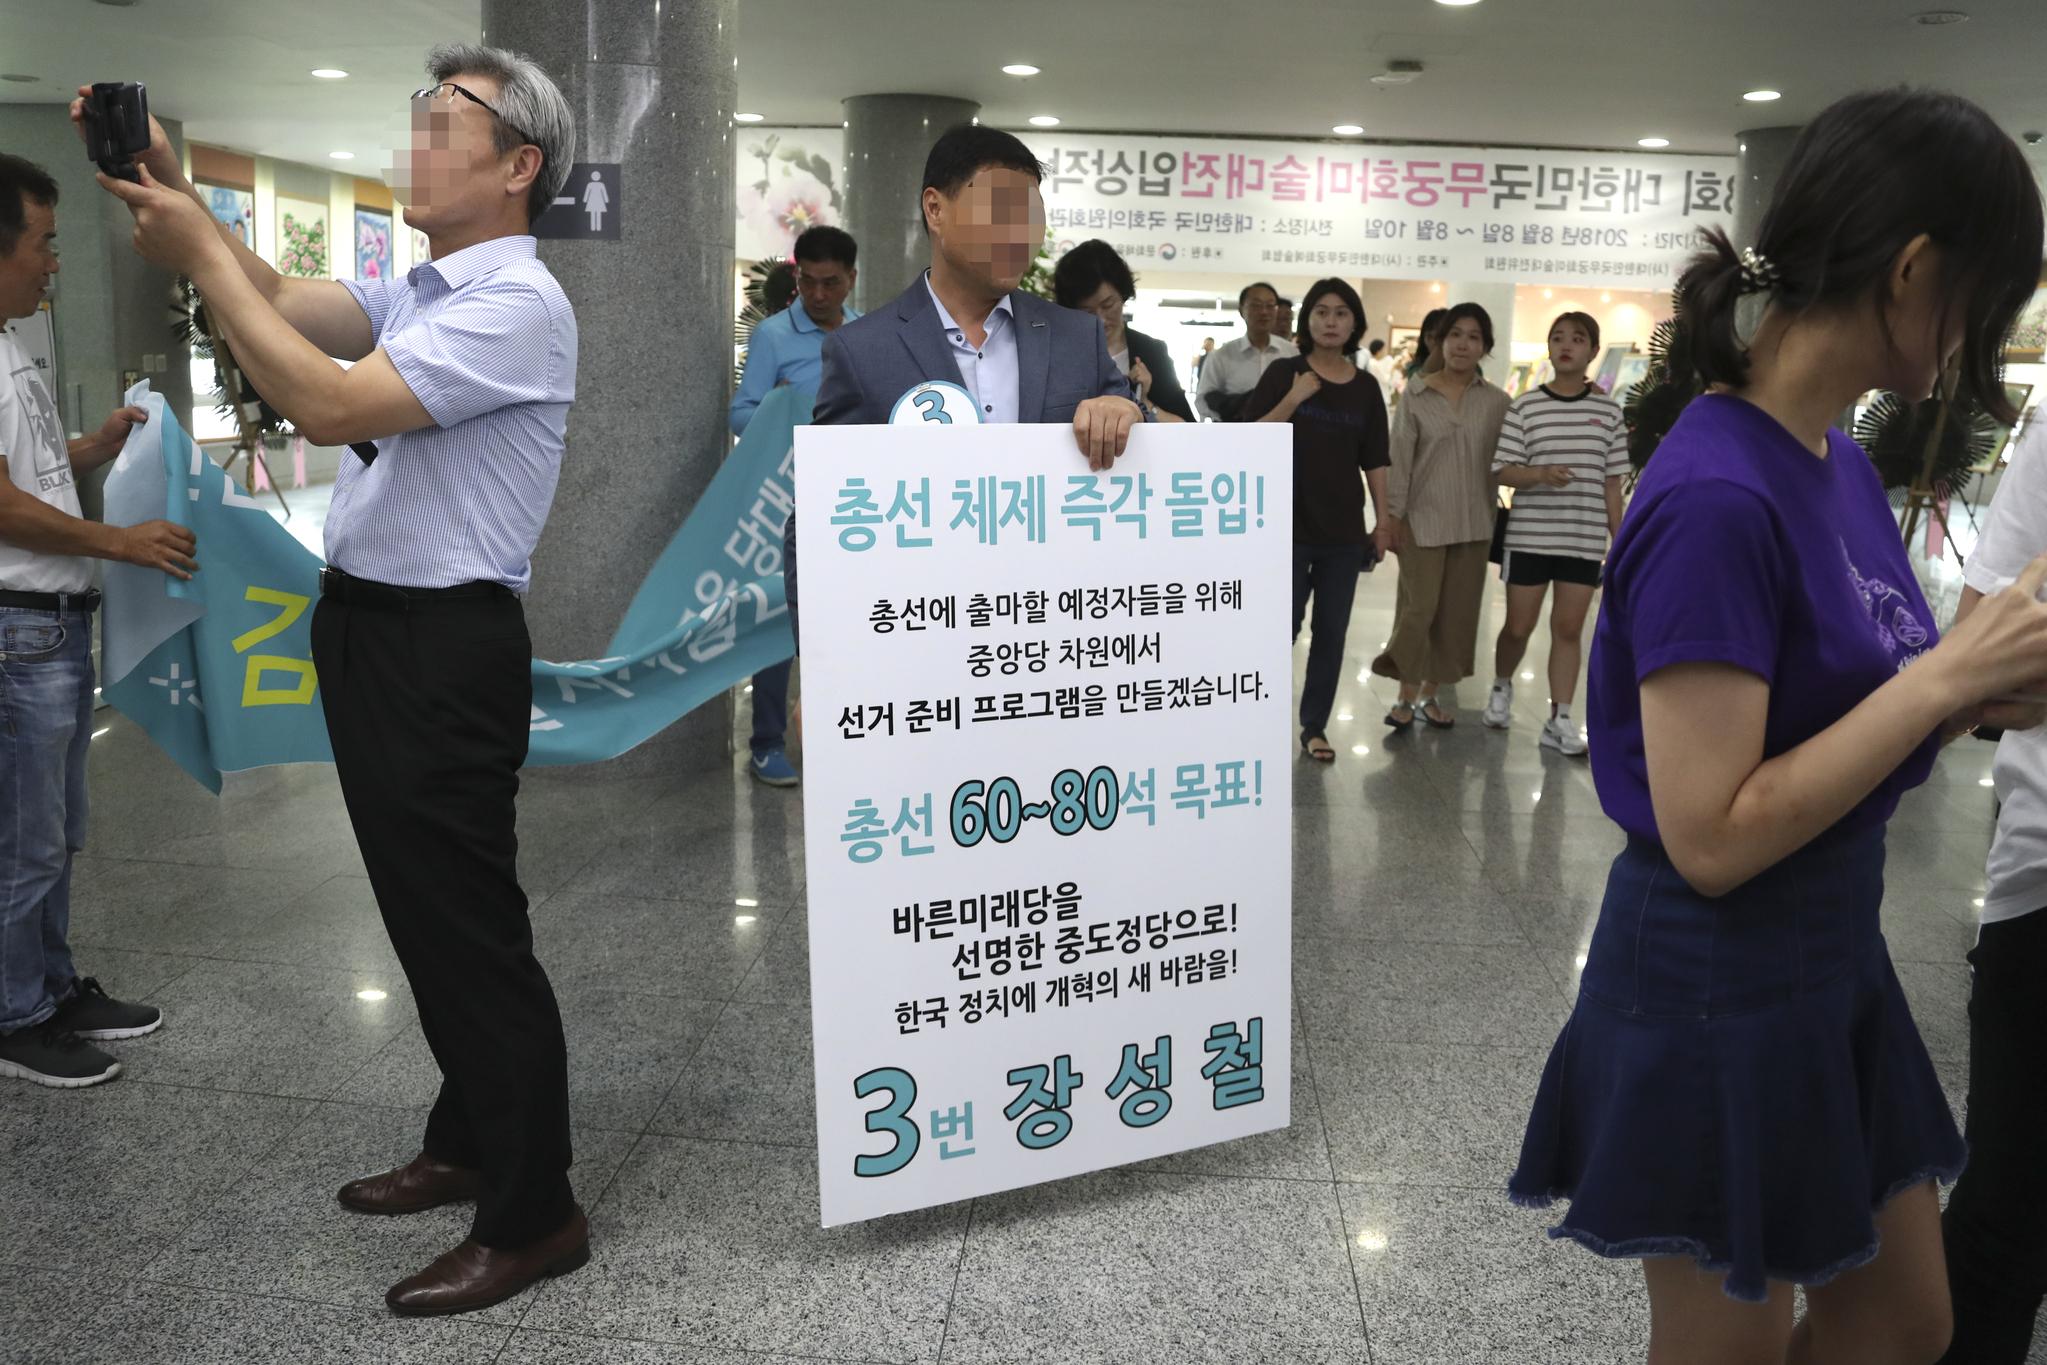 정견 발표회장 앞에서 지지자들이 팻말과 현수막을 들고 있다. 임현동 기자